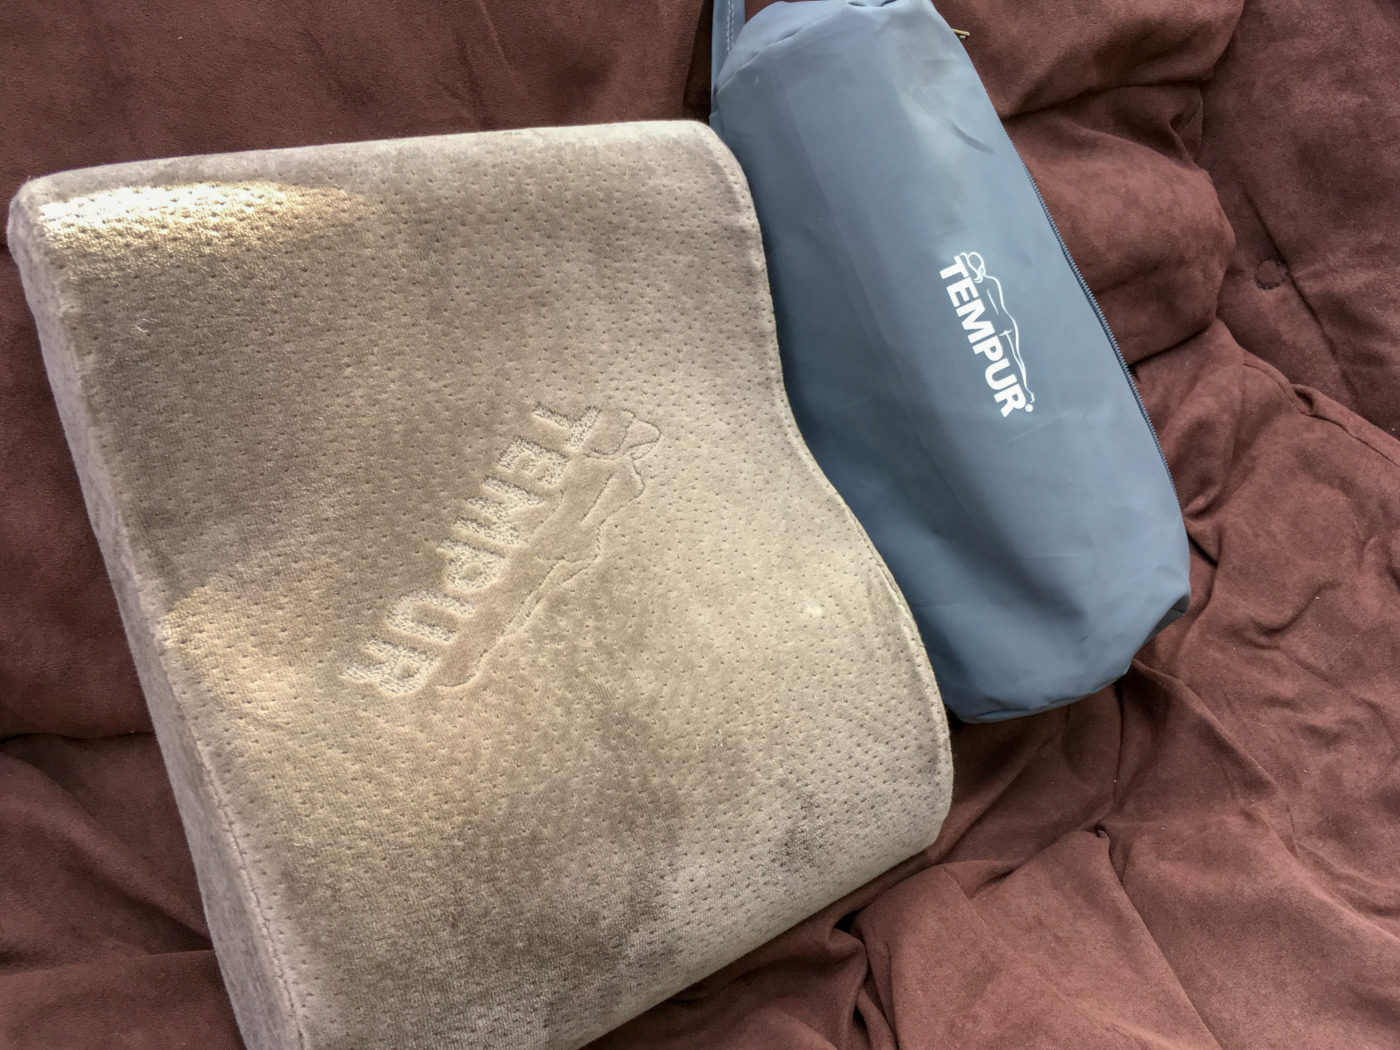 【キャンプ道具じゃないレビュー】テンピュールのトラベルピローがキャンプの枕にピッタリ過ぎてこれなしではもう寝れないレベル